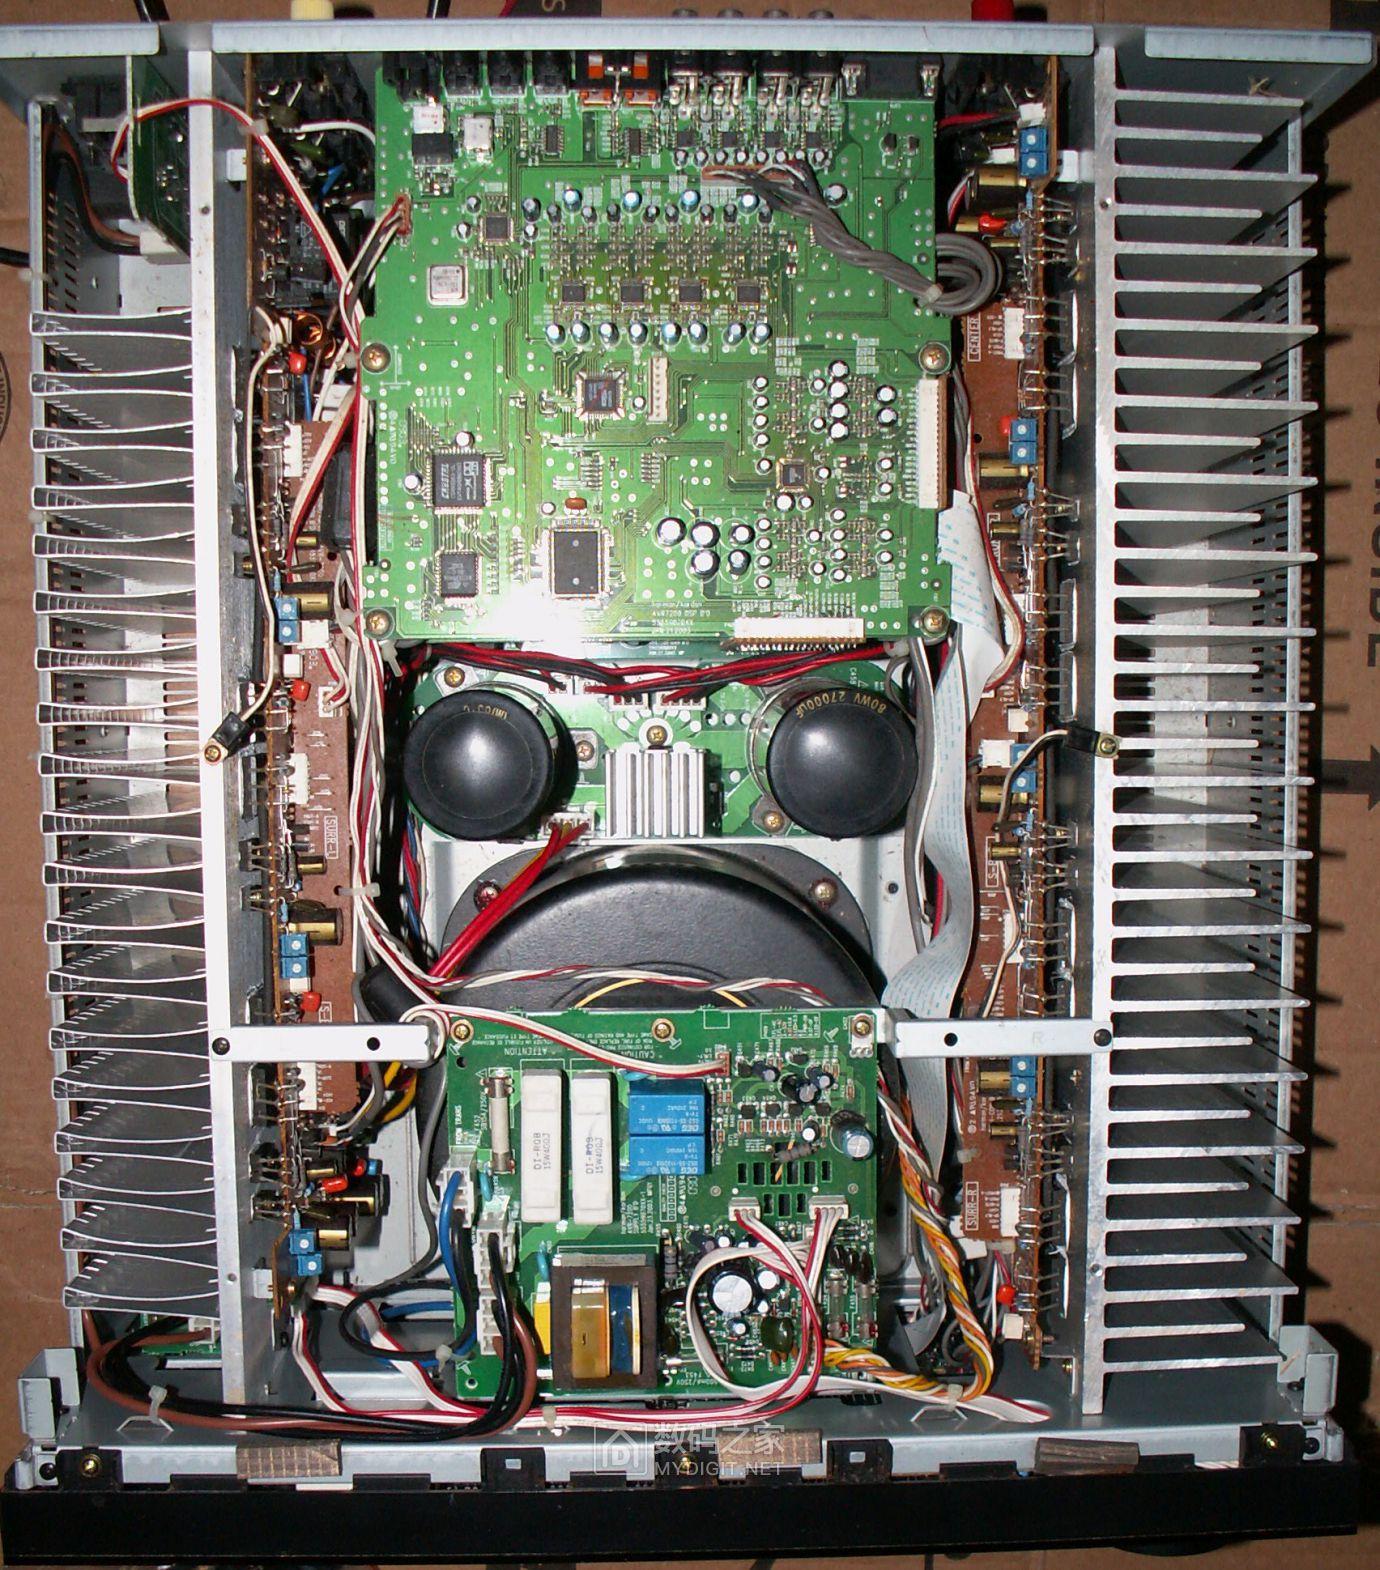 【热点】维修利利普OWON-SDS8102V示波器旋钮失灵,拆机更换全部编码器 数码拆机百科 第57张